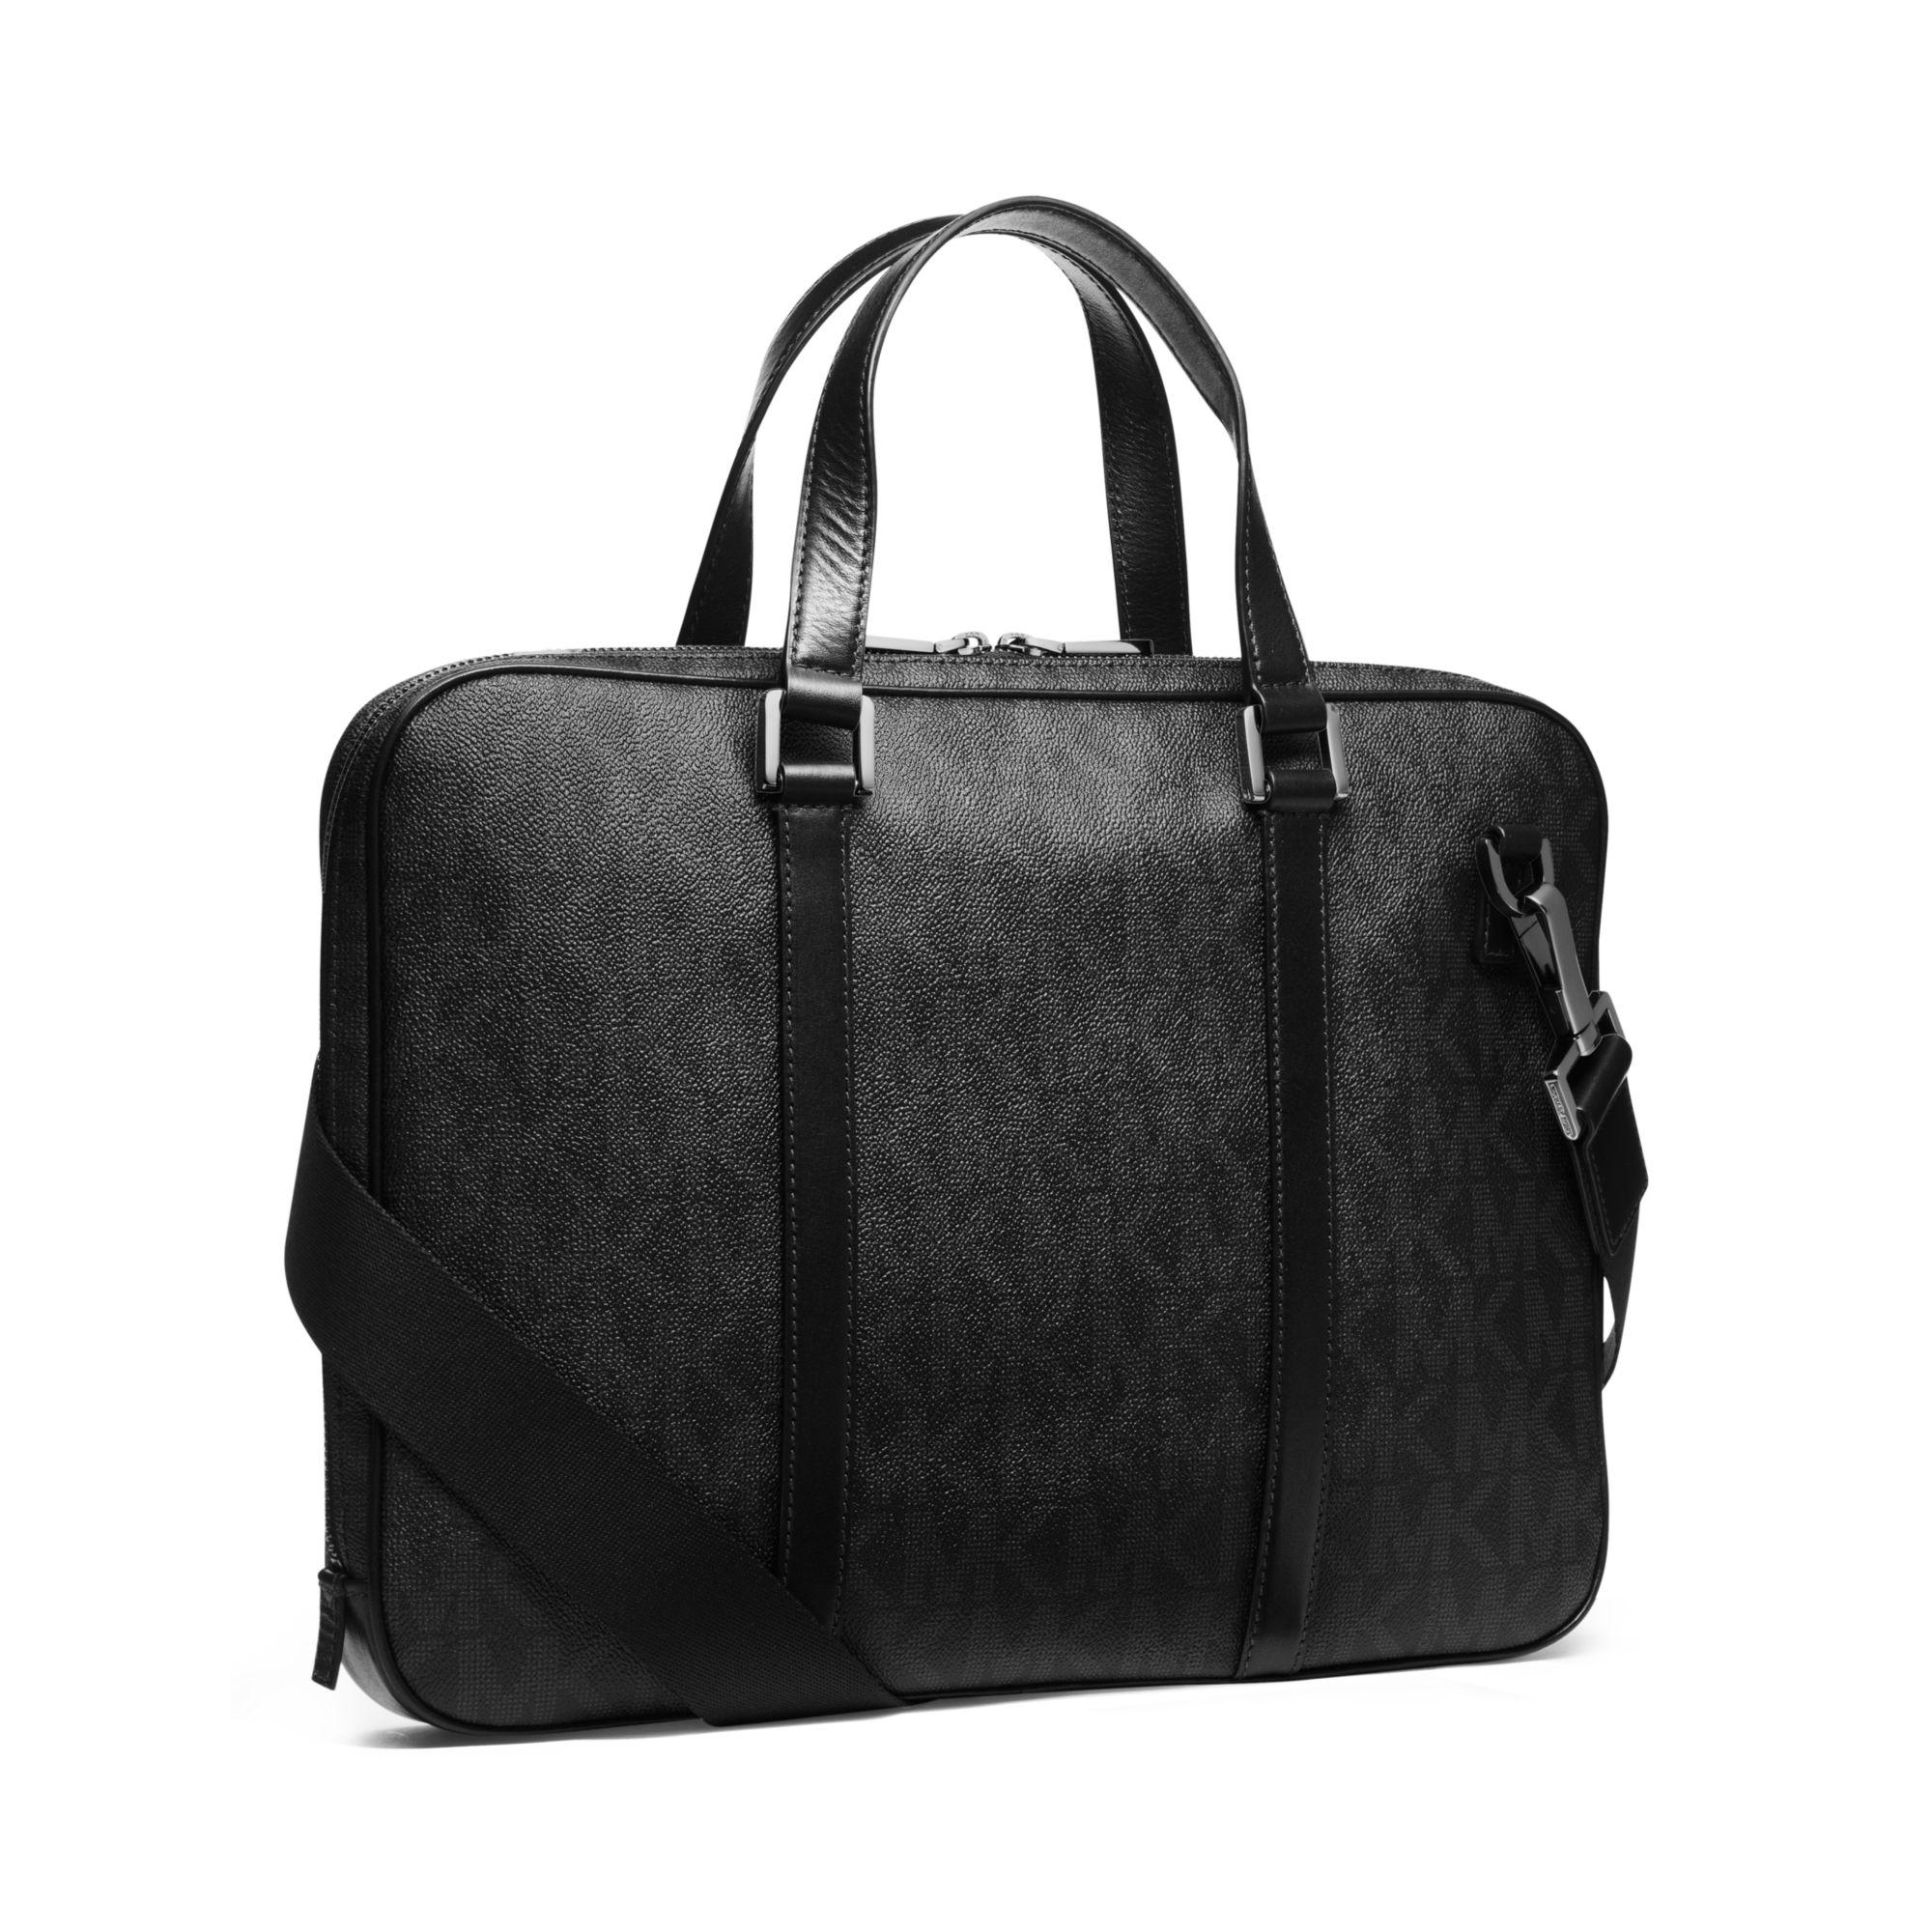 88375c2d3 ... discount code for lyst michael kors jet set mens logo briefcase in  black for men 5bd22 ...